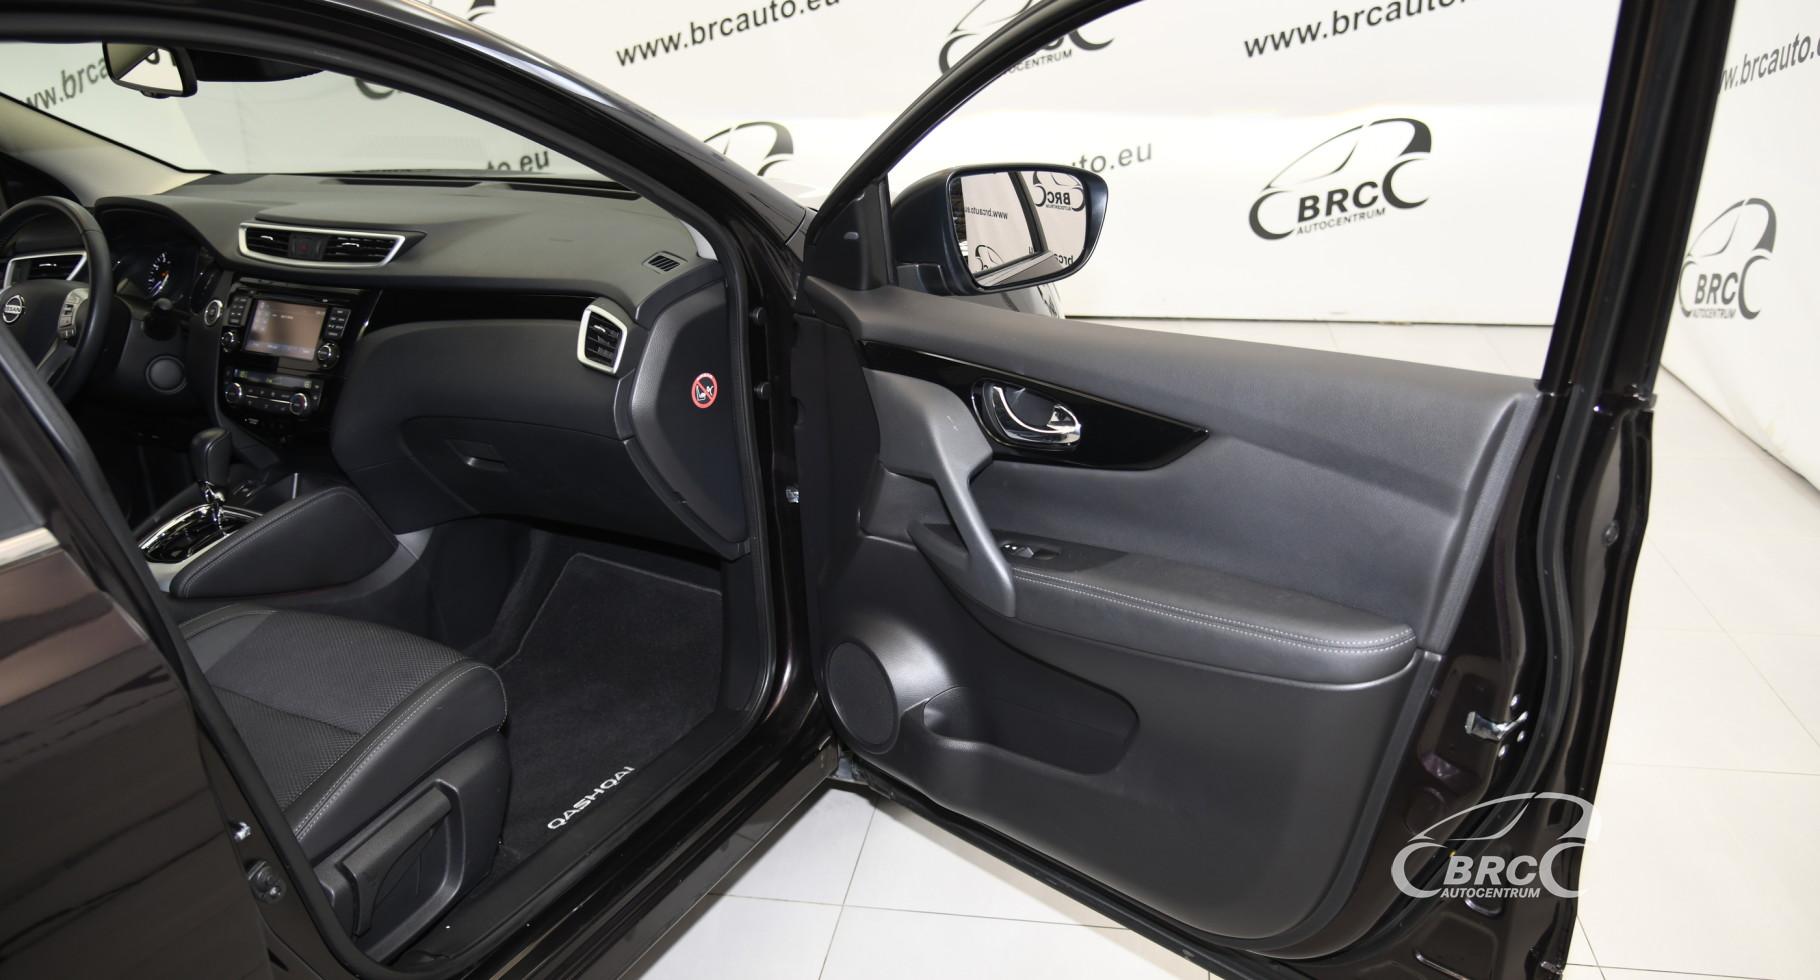 Nissan Qashqai 1.2 DIG-T Tekna 2WD Automatas